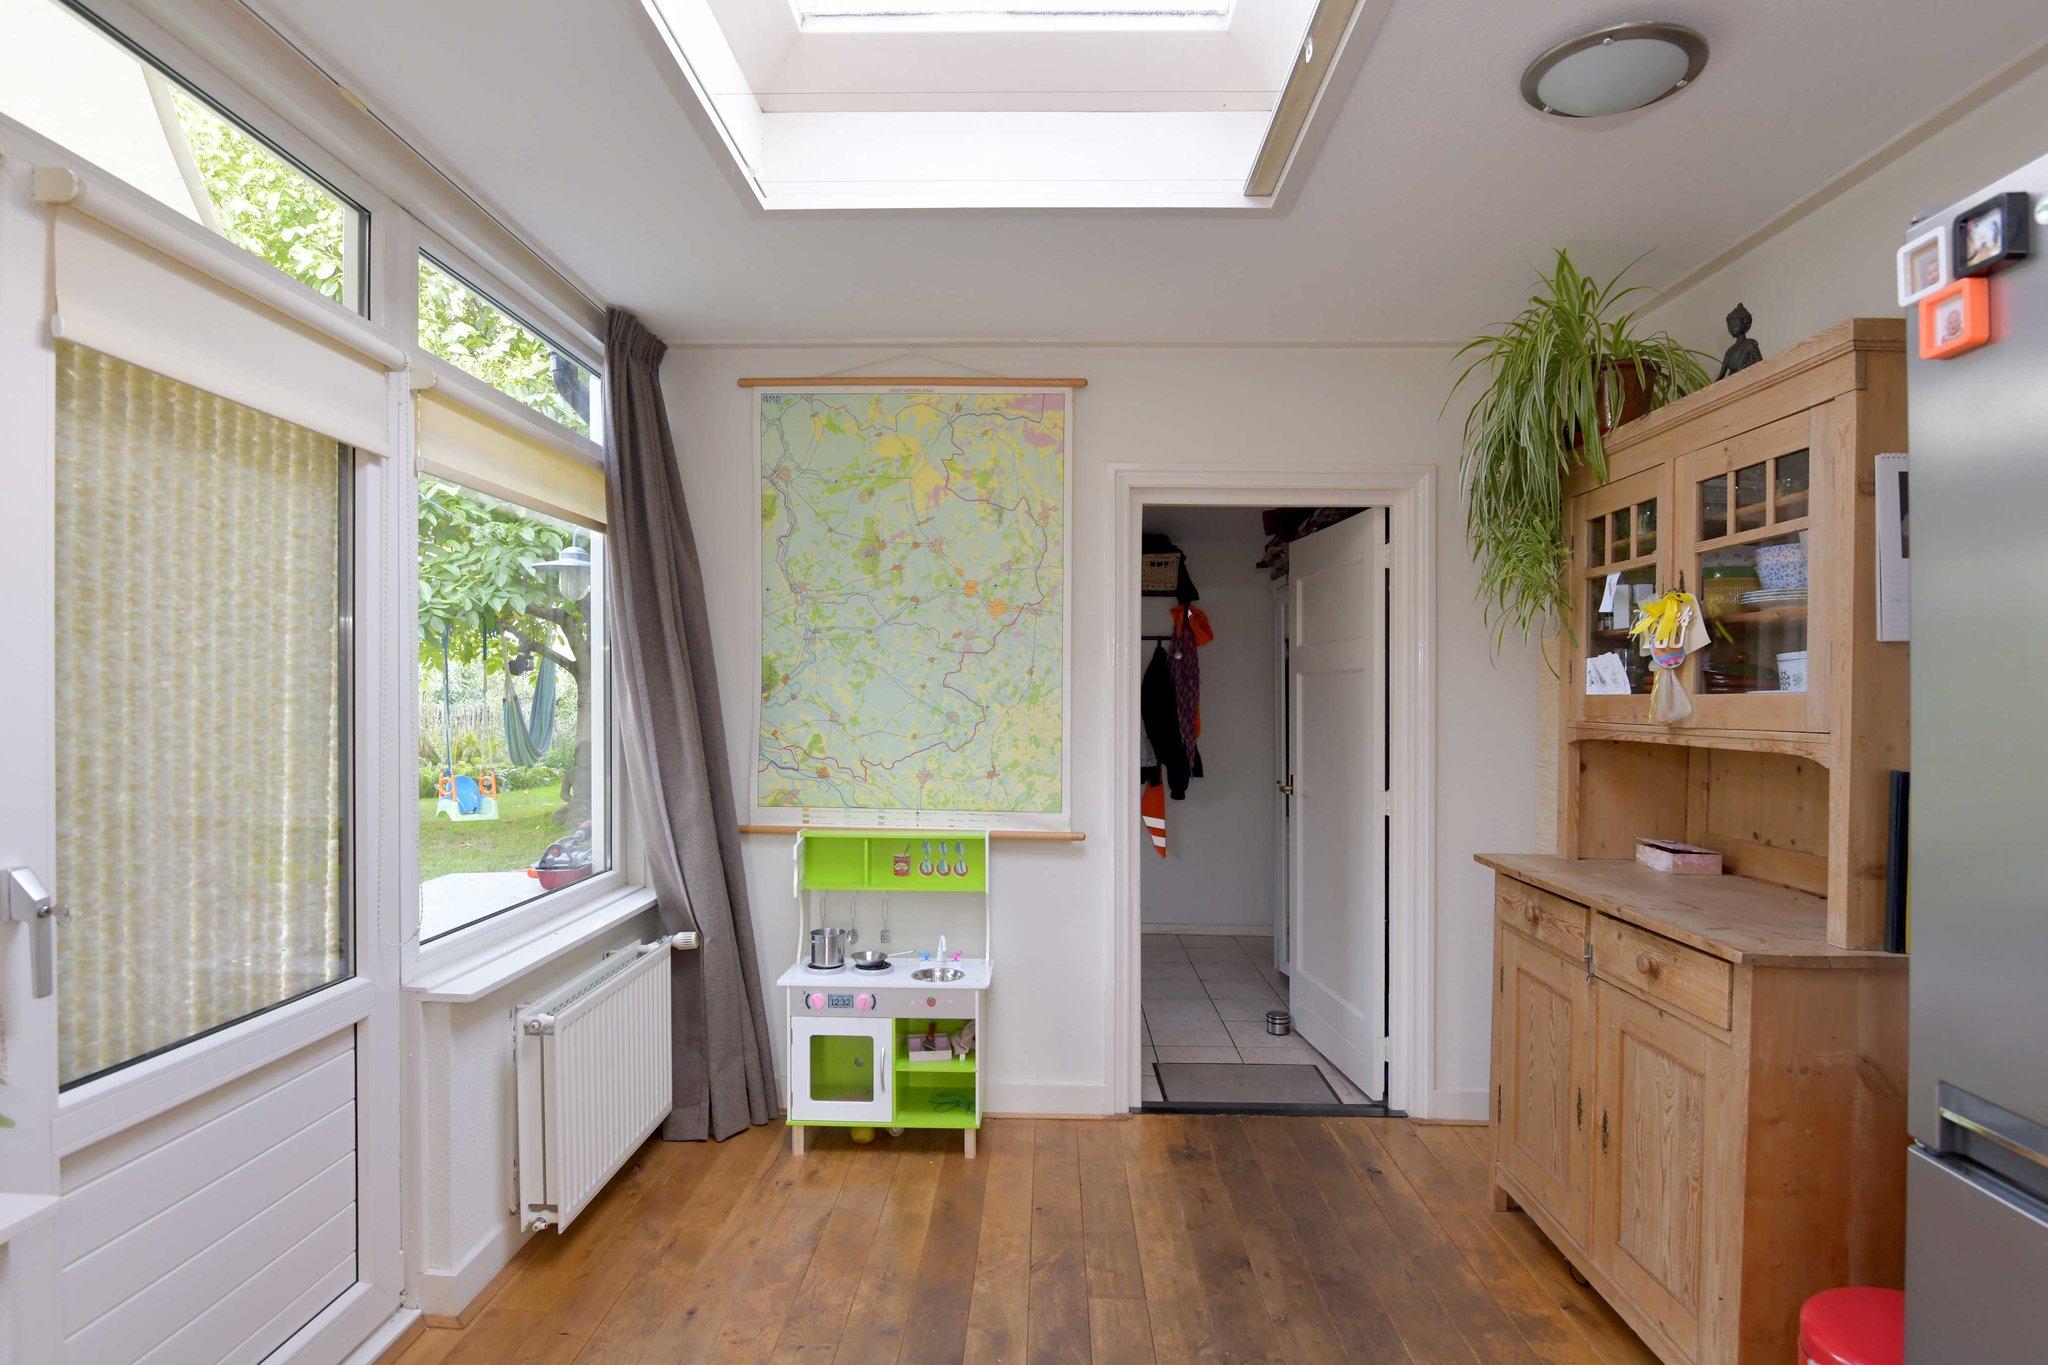 gorssel-gorsselse-enkweg-4154865-foto-17.jpg